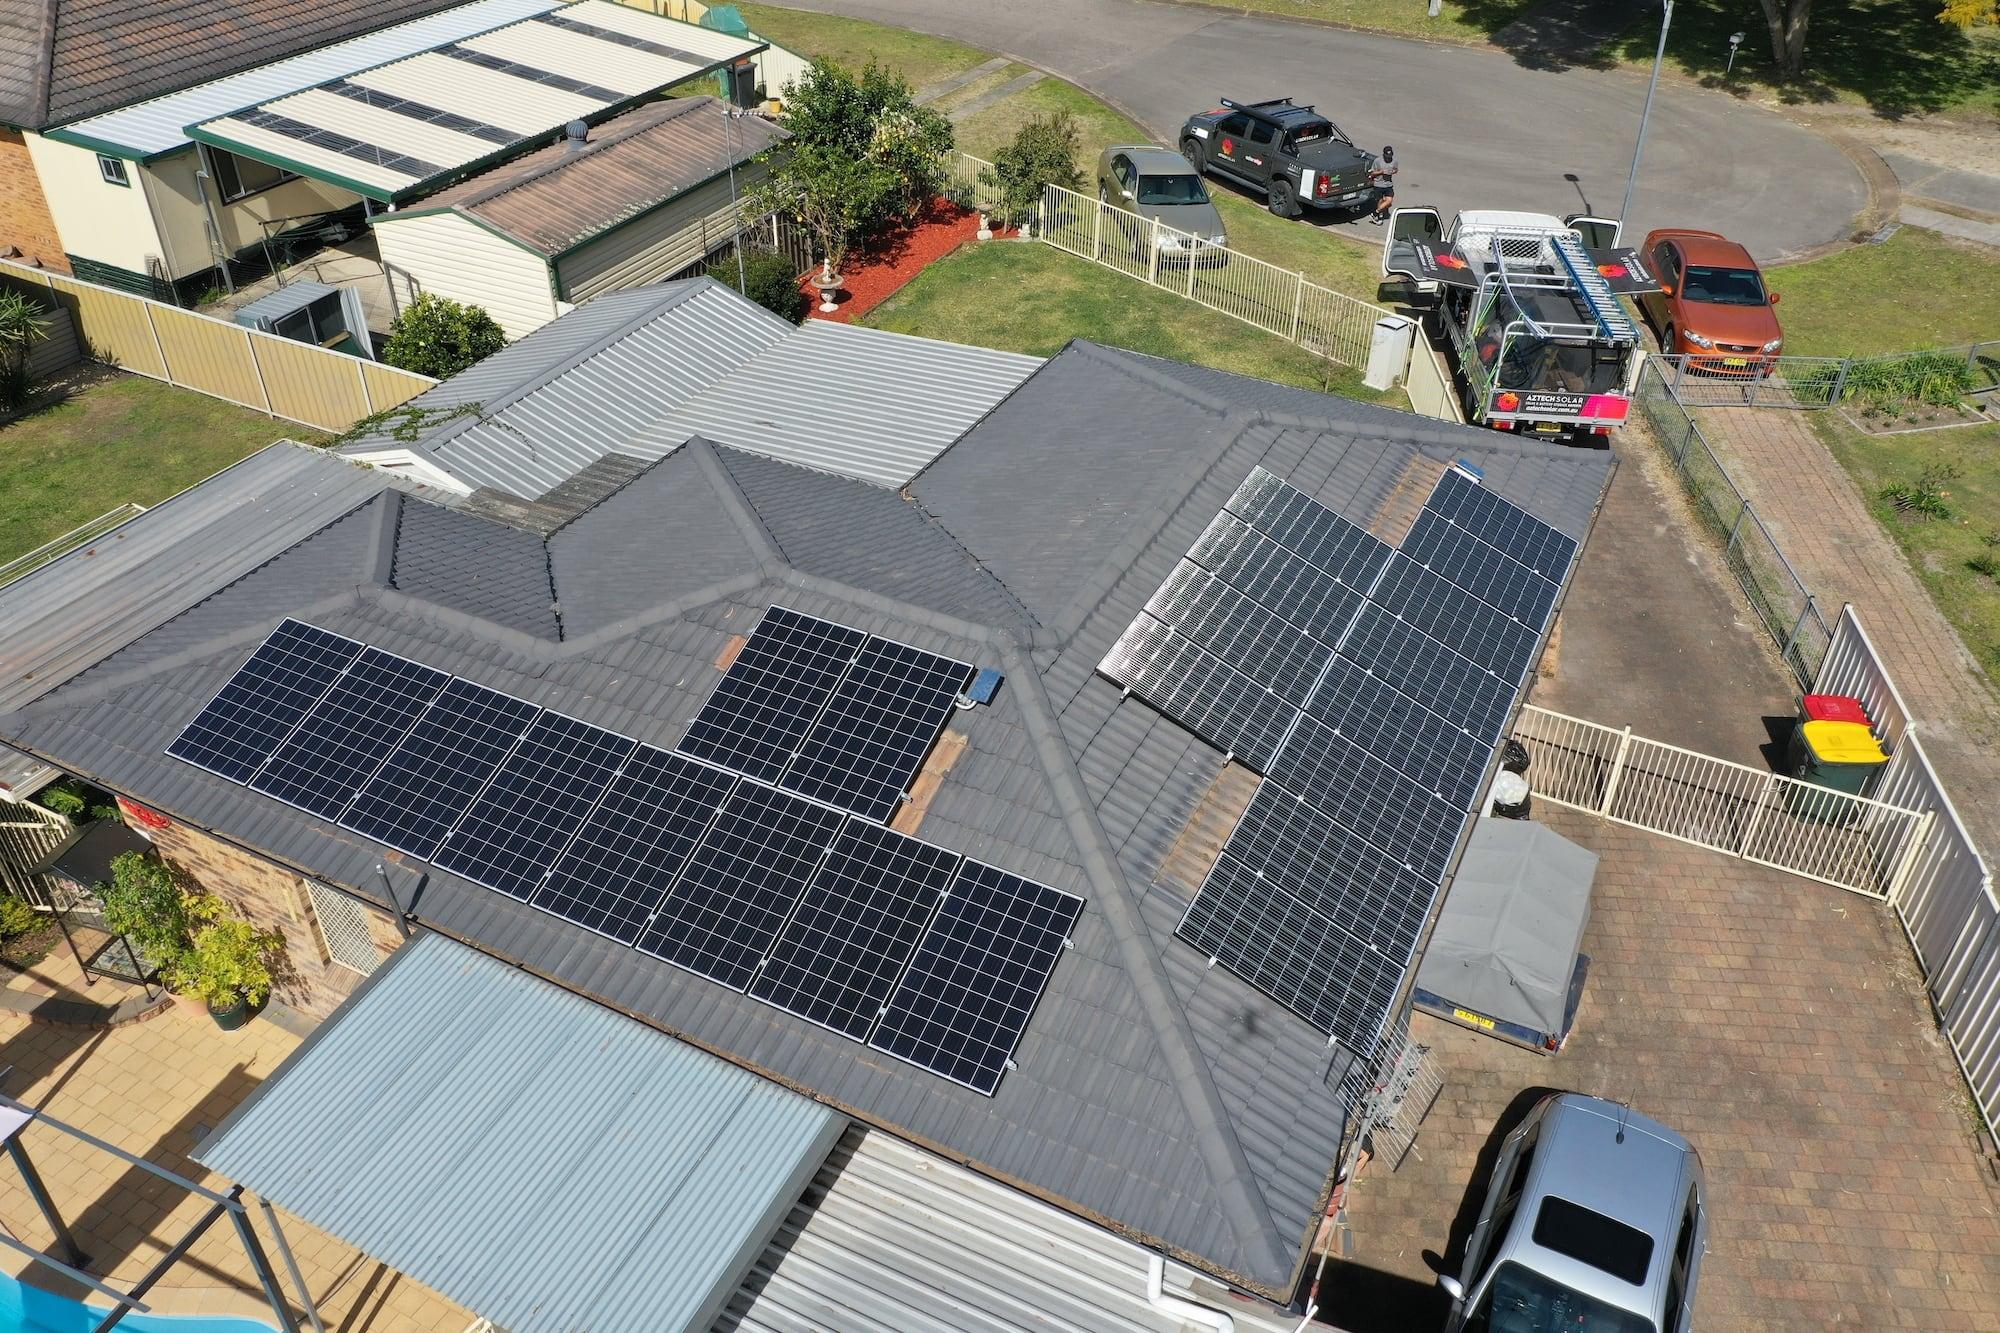 aztech solar panel installation_september 12